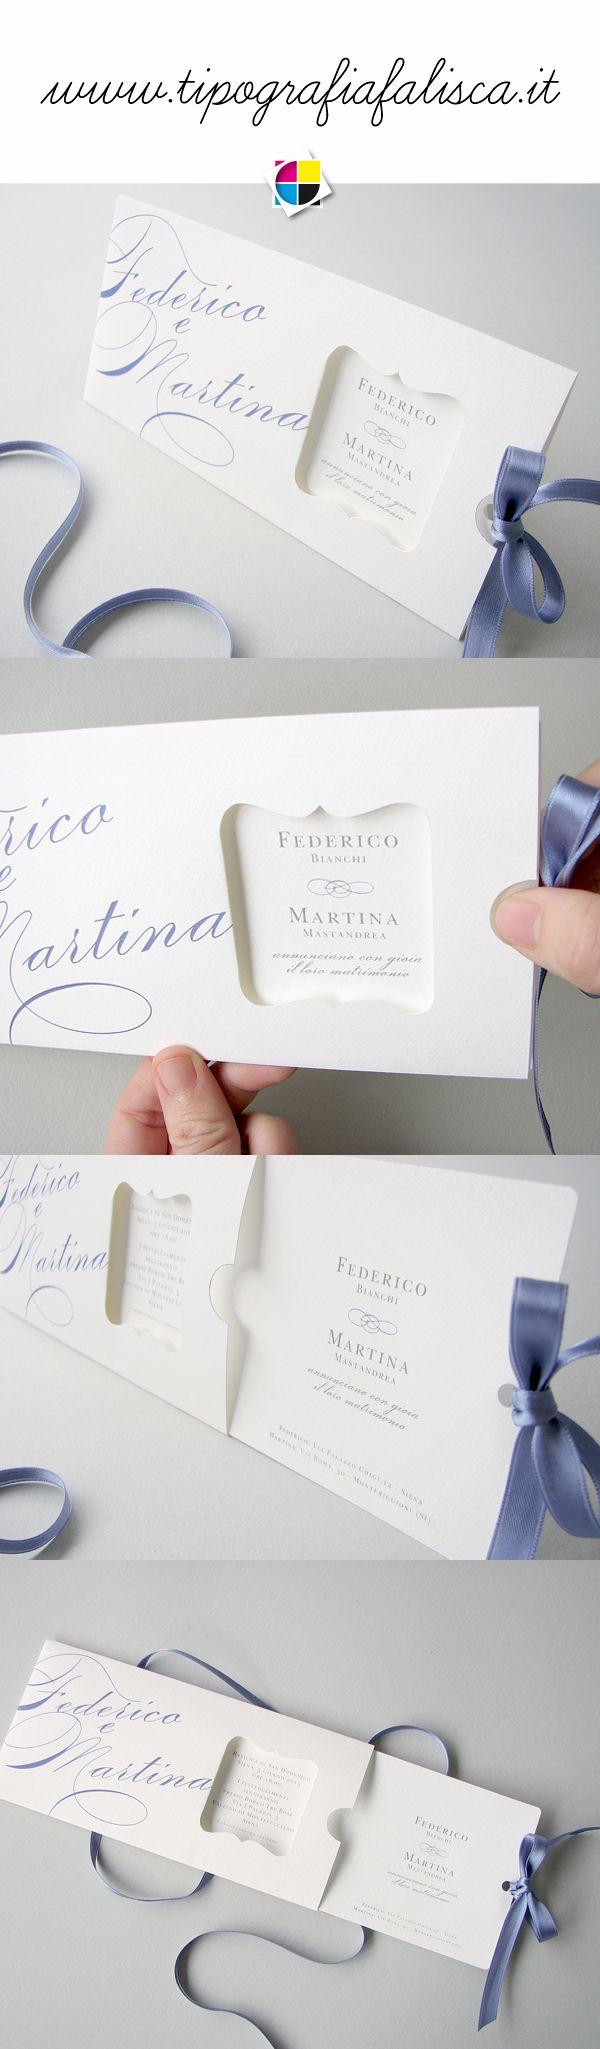 Unconventional Wedding Invitation Partezione Opera Con Apertura Clic Clac Www Tipografiafalisca